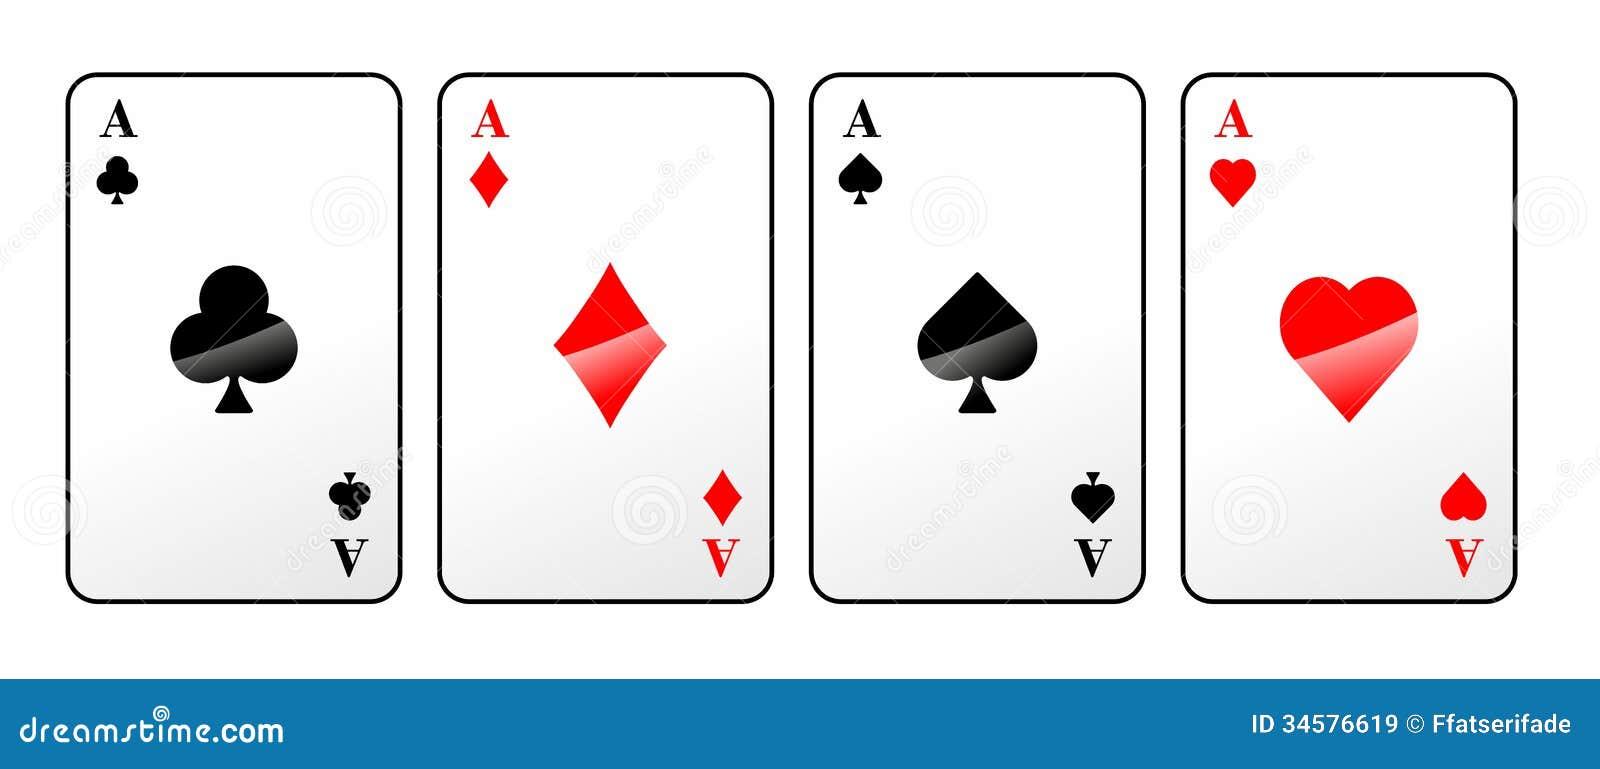 Spiel Karten Farbe